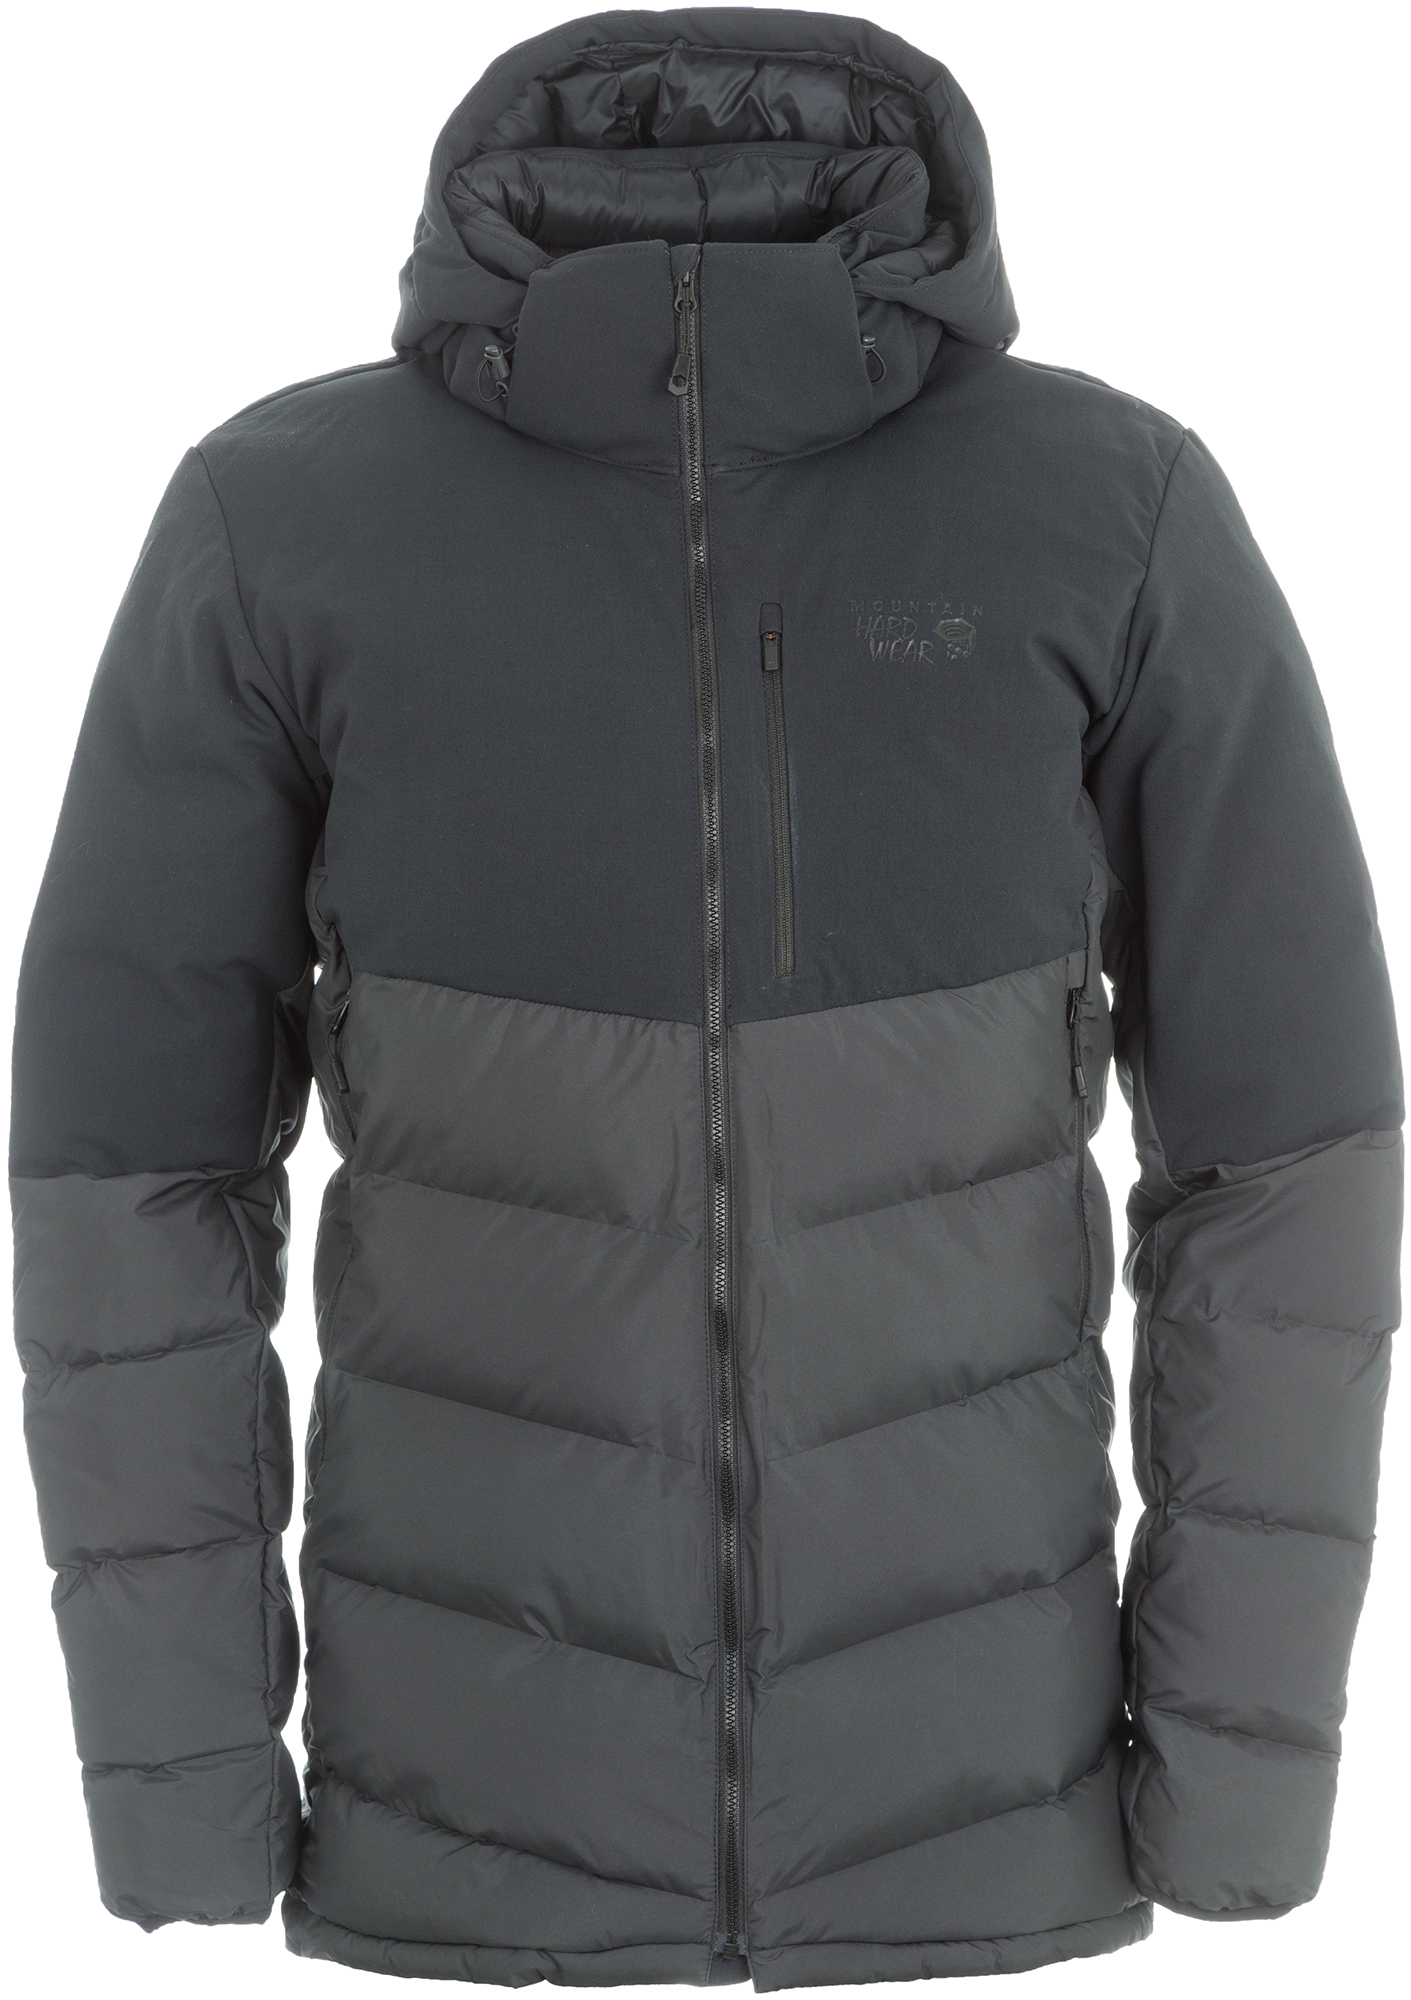 Mountain Hardwear Куртка утепленная мужская Mountain Hardwear Thermist Coat, размер 56 mountain hardwear куртка утепленная мужская mountain hardwear radian размер 56